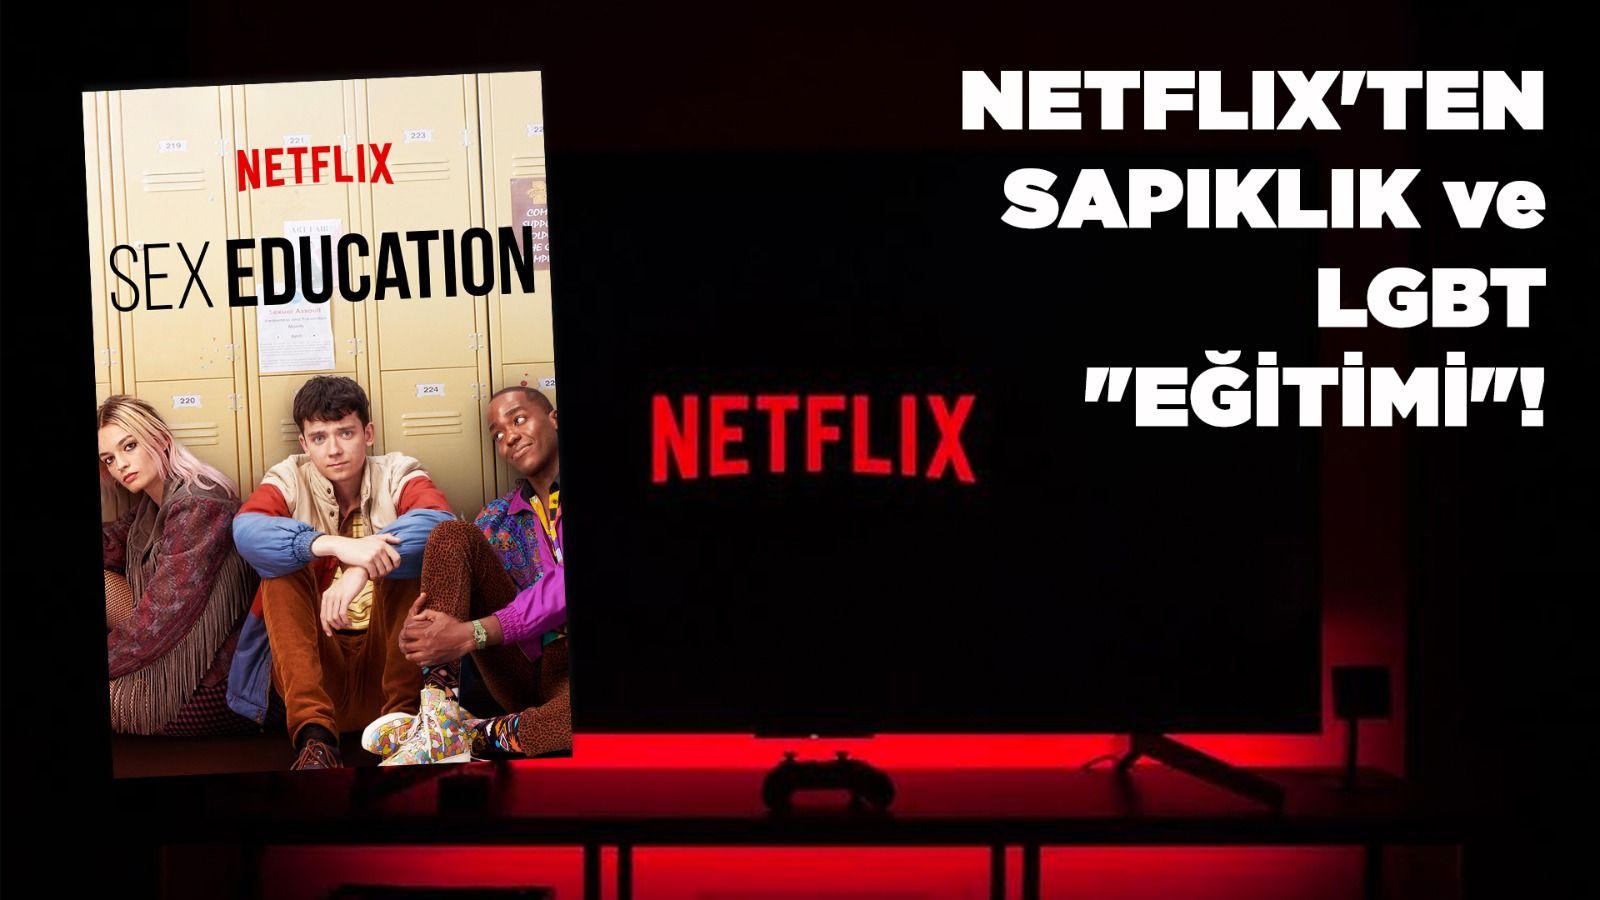 """Türkiye Liseliler Birliği'nden Netflix'in sapıklık eğitimine tepki: """"AHLAKSIZLIK BU DEĞİLSE NE?"""""""